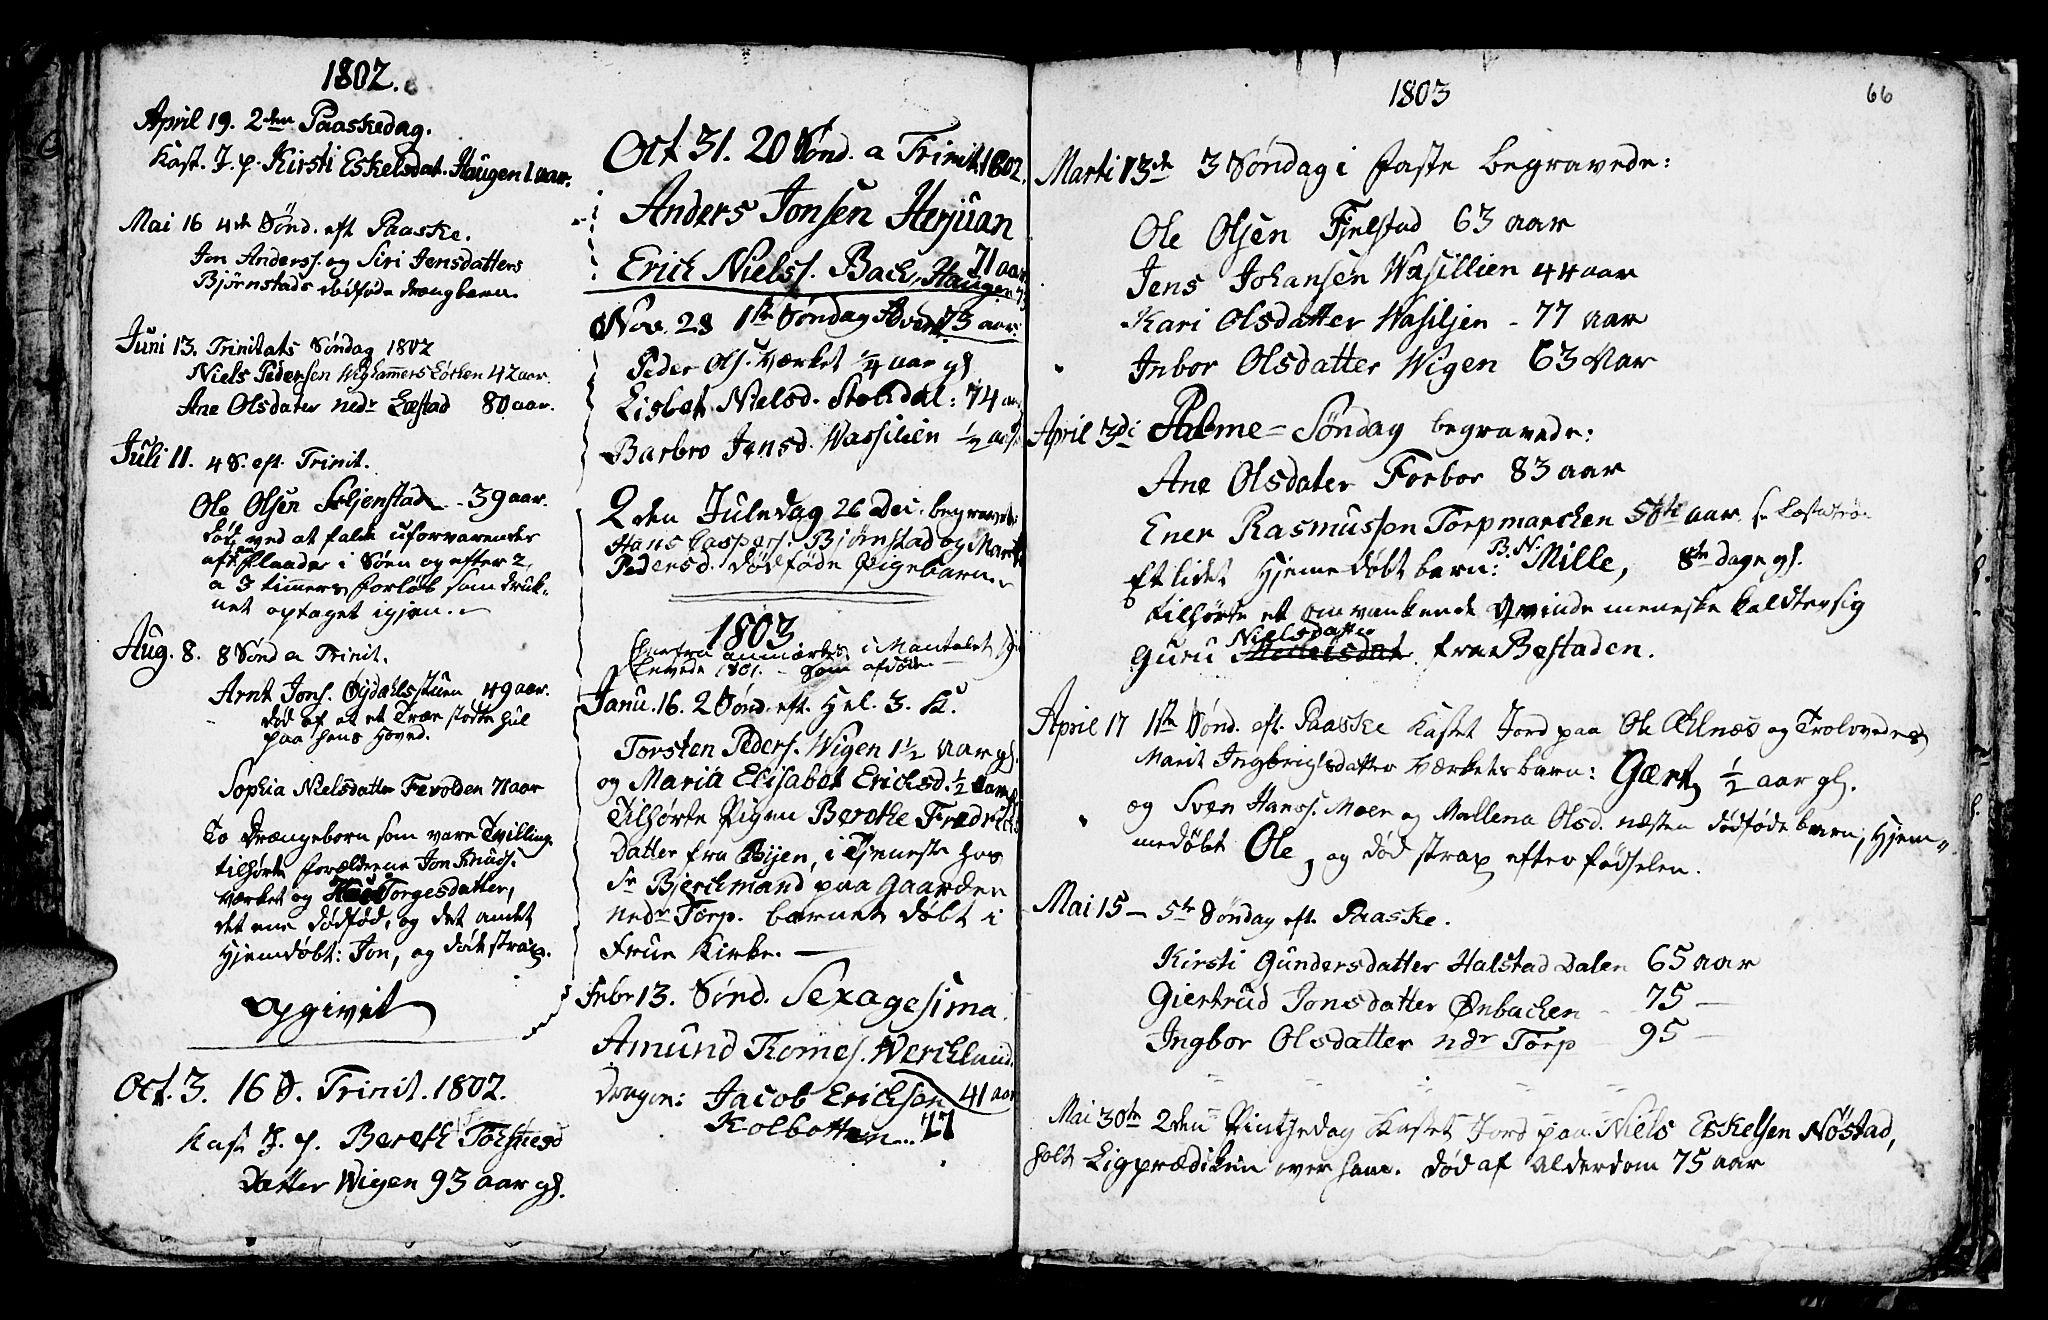 SAT, Ministerialprotokoller, klokkerbøker og fødselsregistre - Sør-Trøndelag, 616/L0419: Klokkerbok nr. 616C02, 1797-1816, s. 66